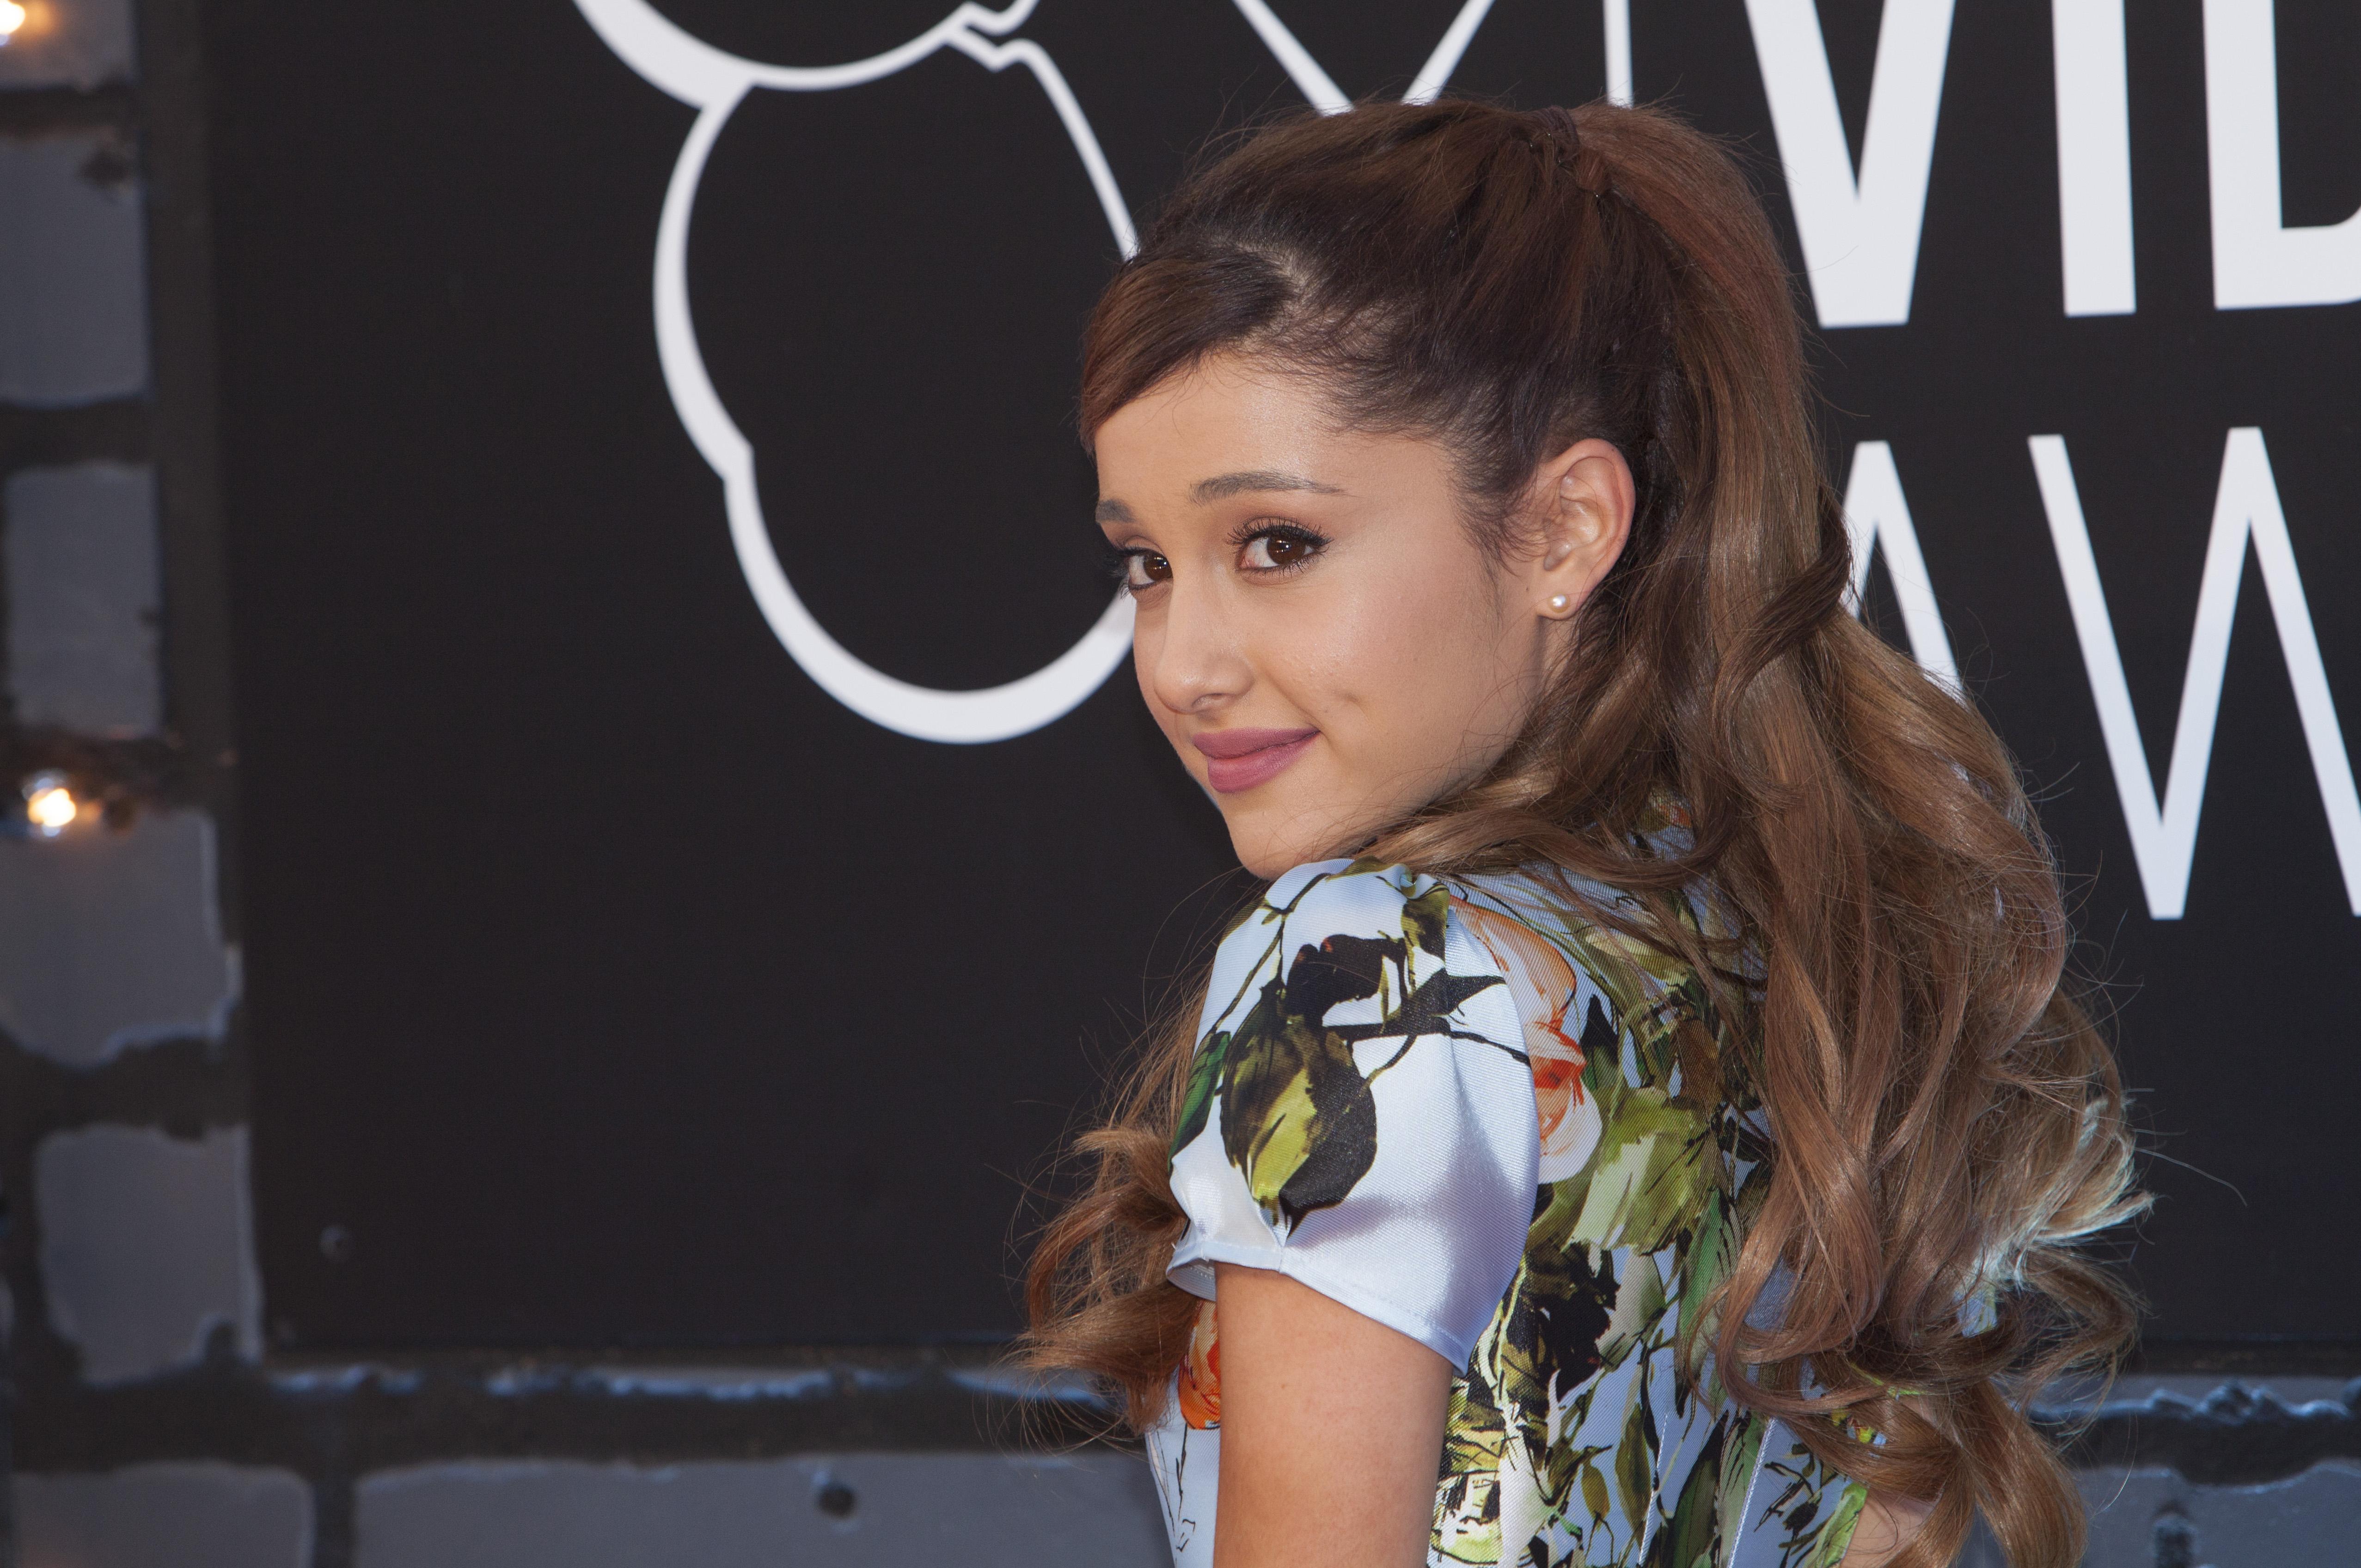 Ariana Grande kislányként